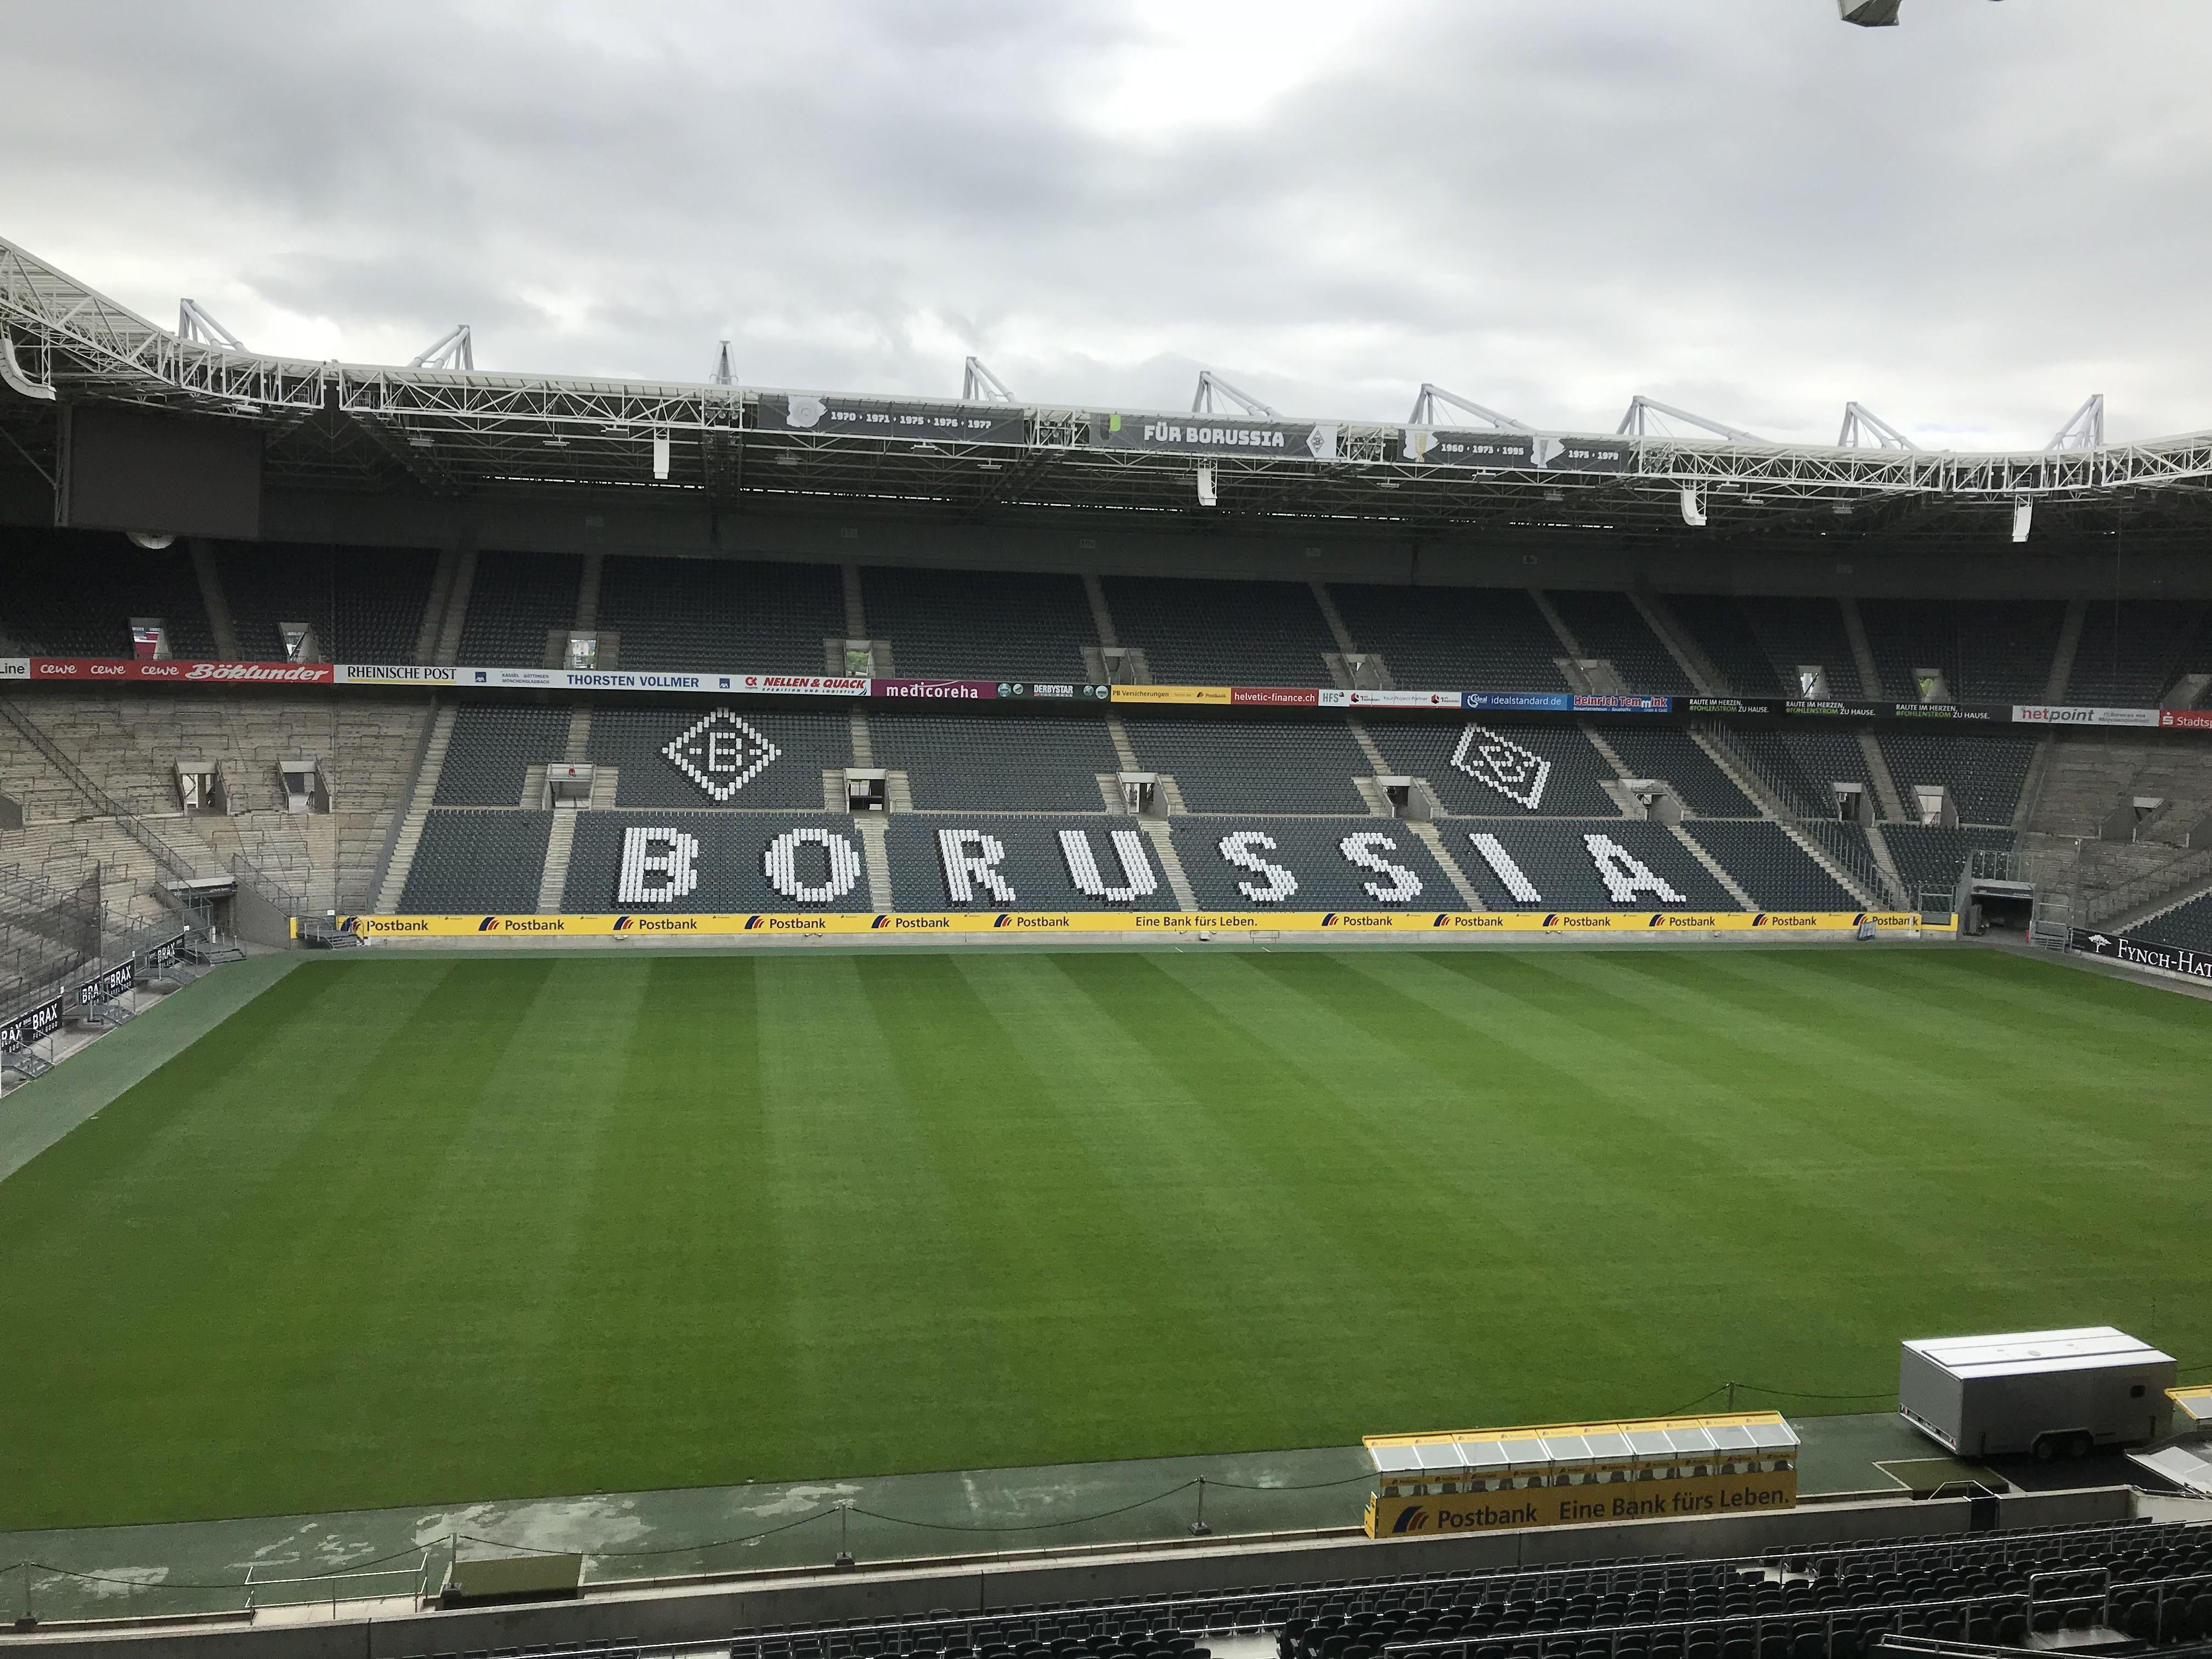 Borussia Vfl Borussia Monchengladbach Borussia Monchengladbach Borussia